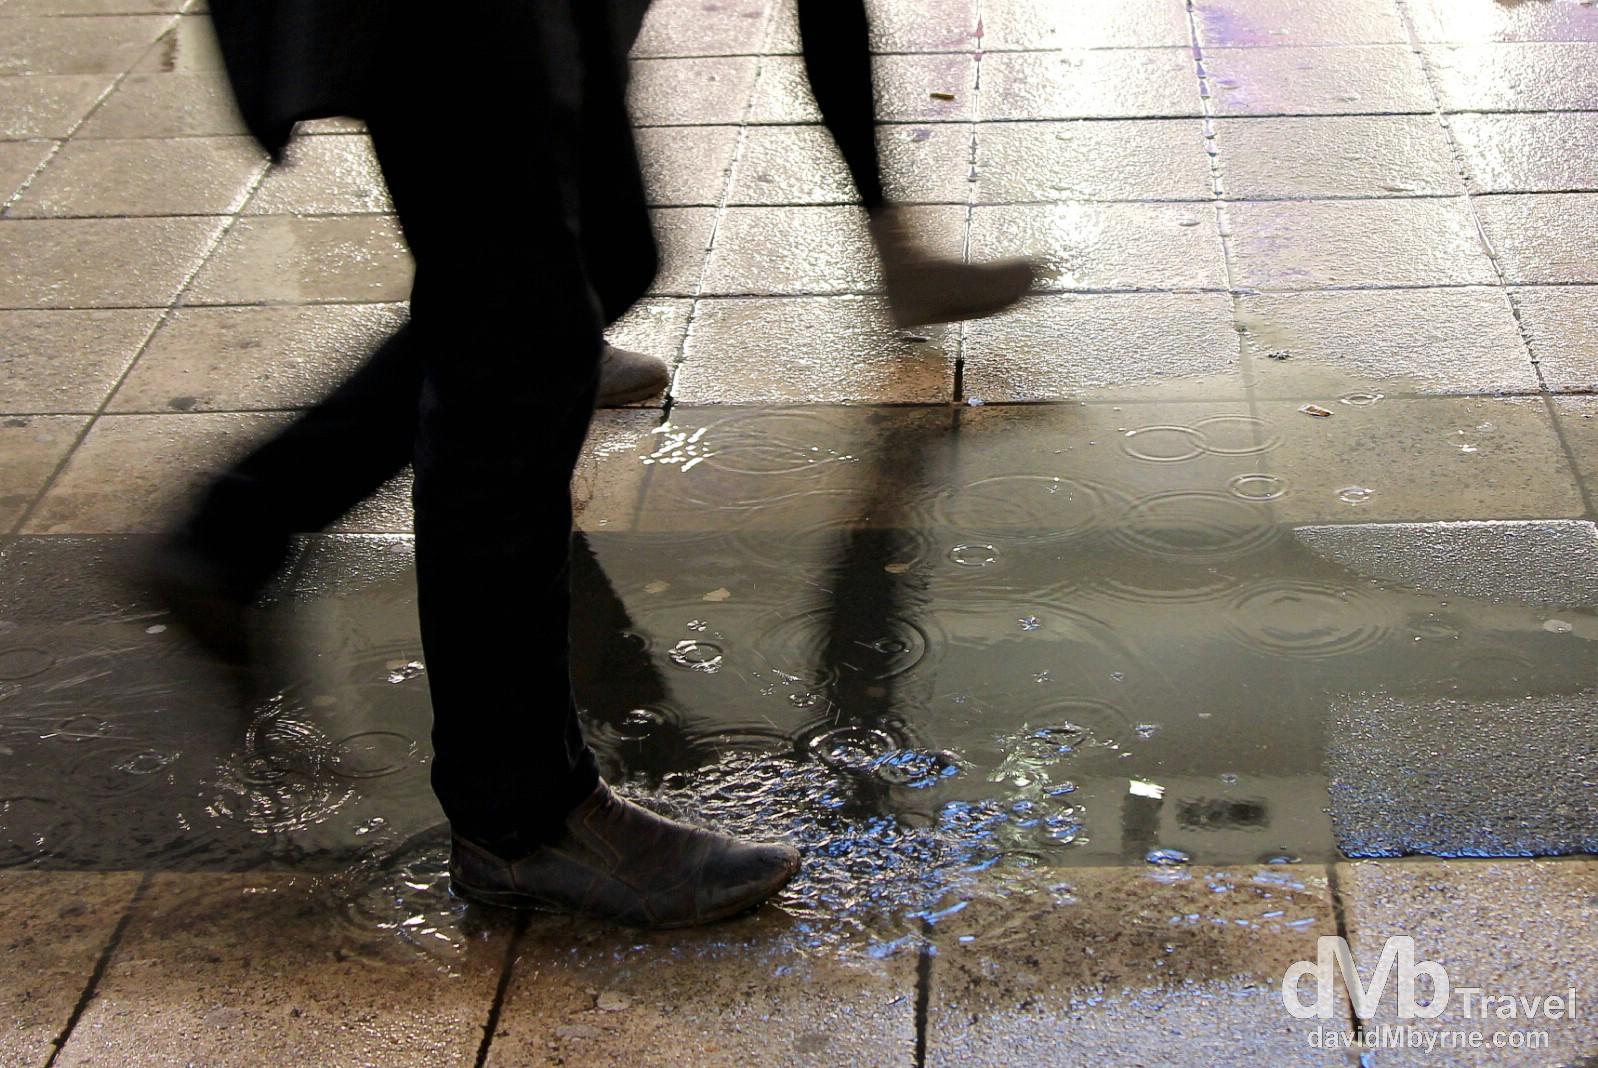 Puddles on Drottninggatan, Central Stockholm, Sweden. November 26th 2012.